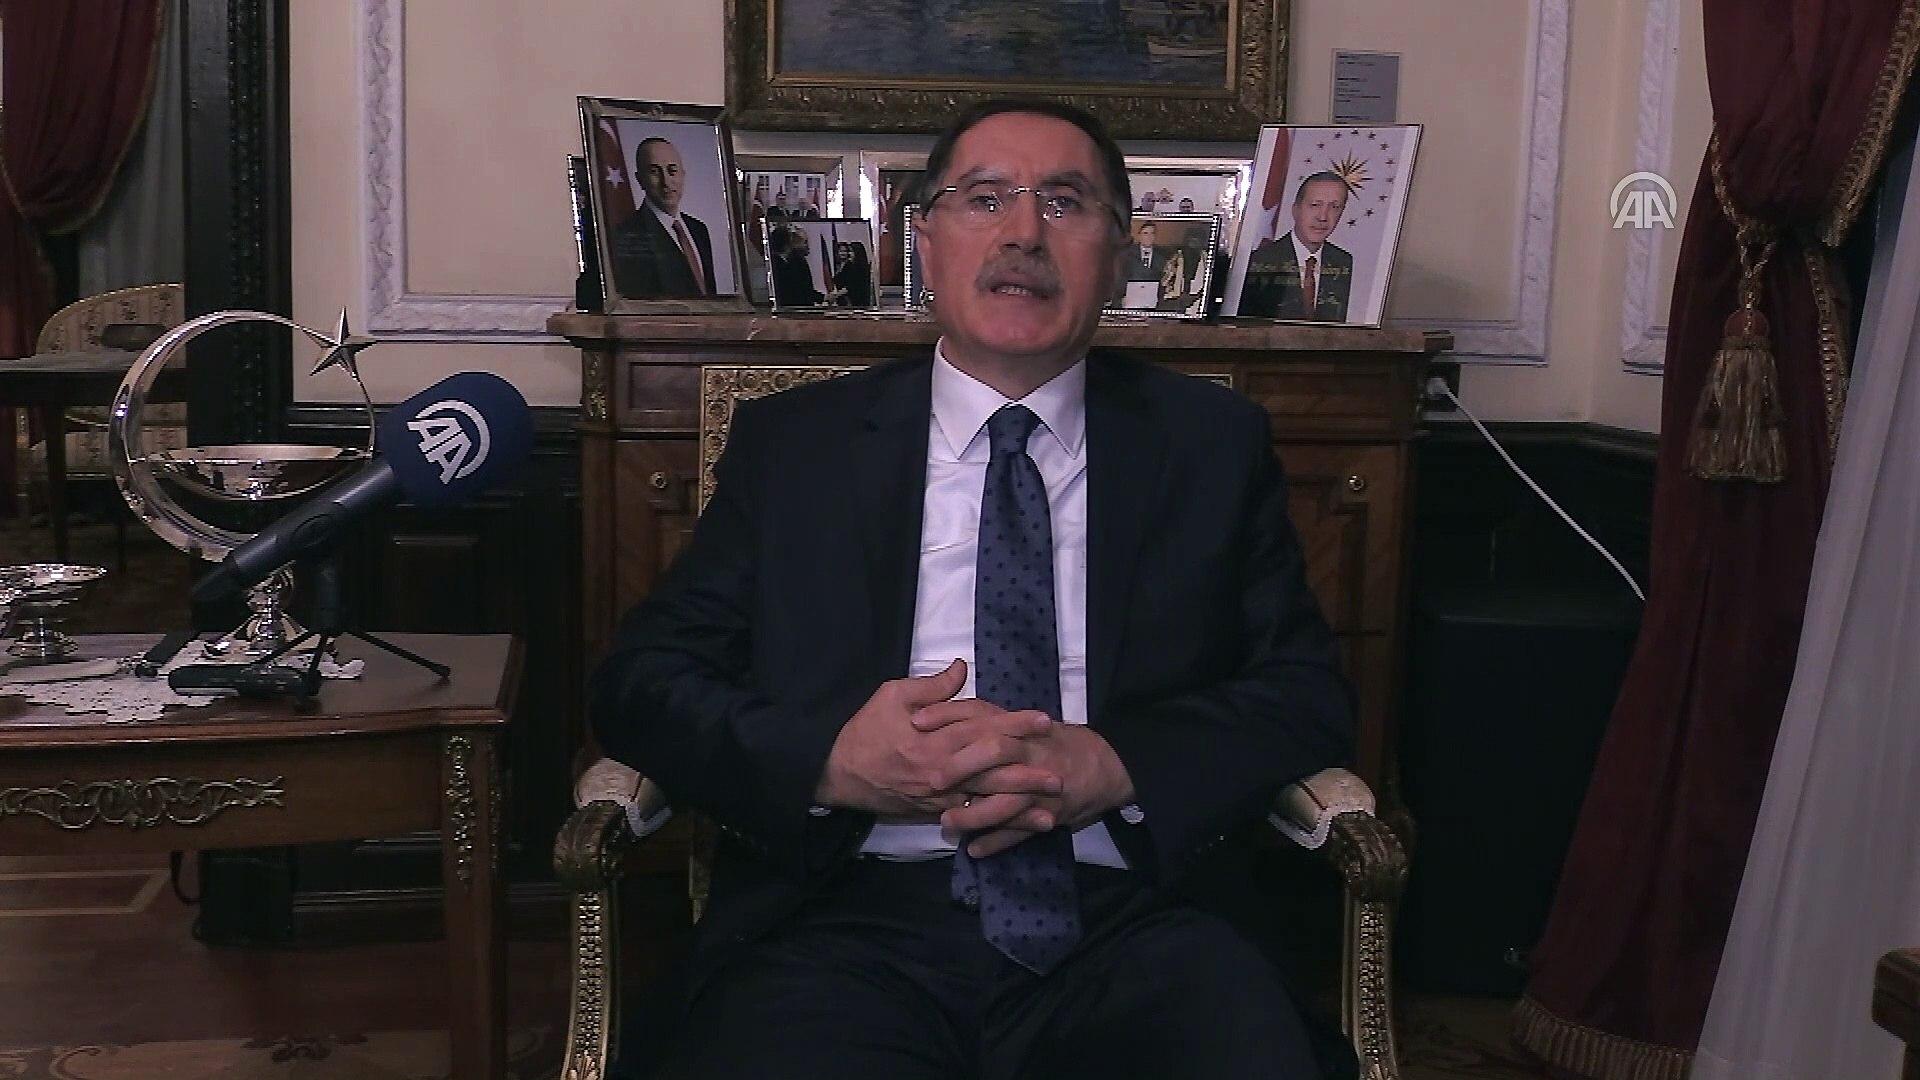 Kamu Başdenetçisi Malkoç: 'Türkiye'deki ombudsmanlık tecrübelerini Balkan ülkelerine aktarmamız